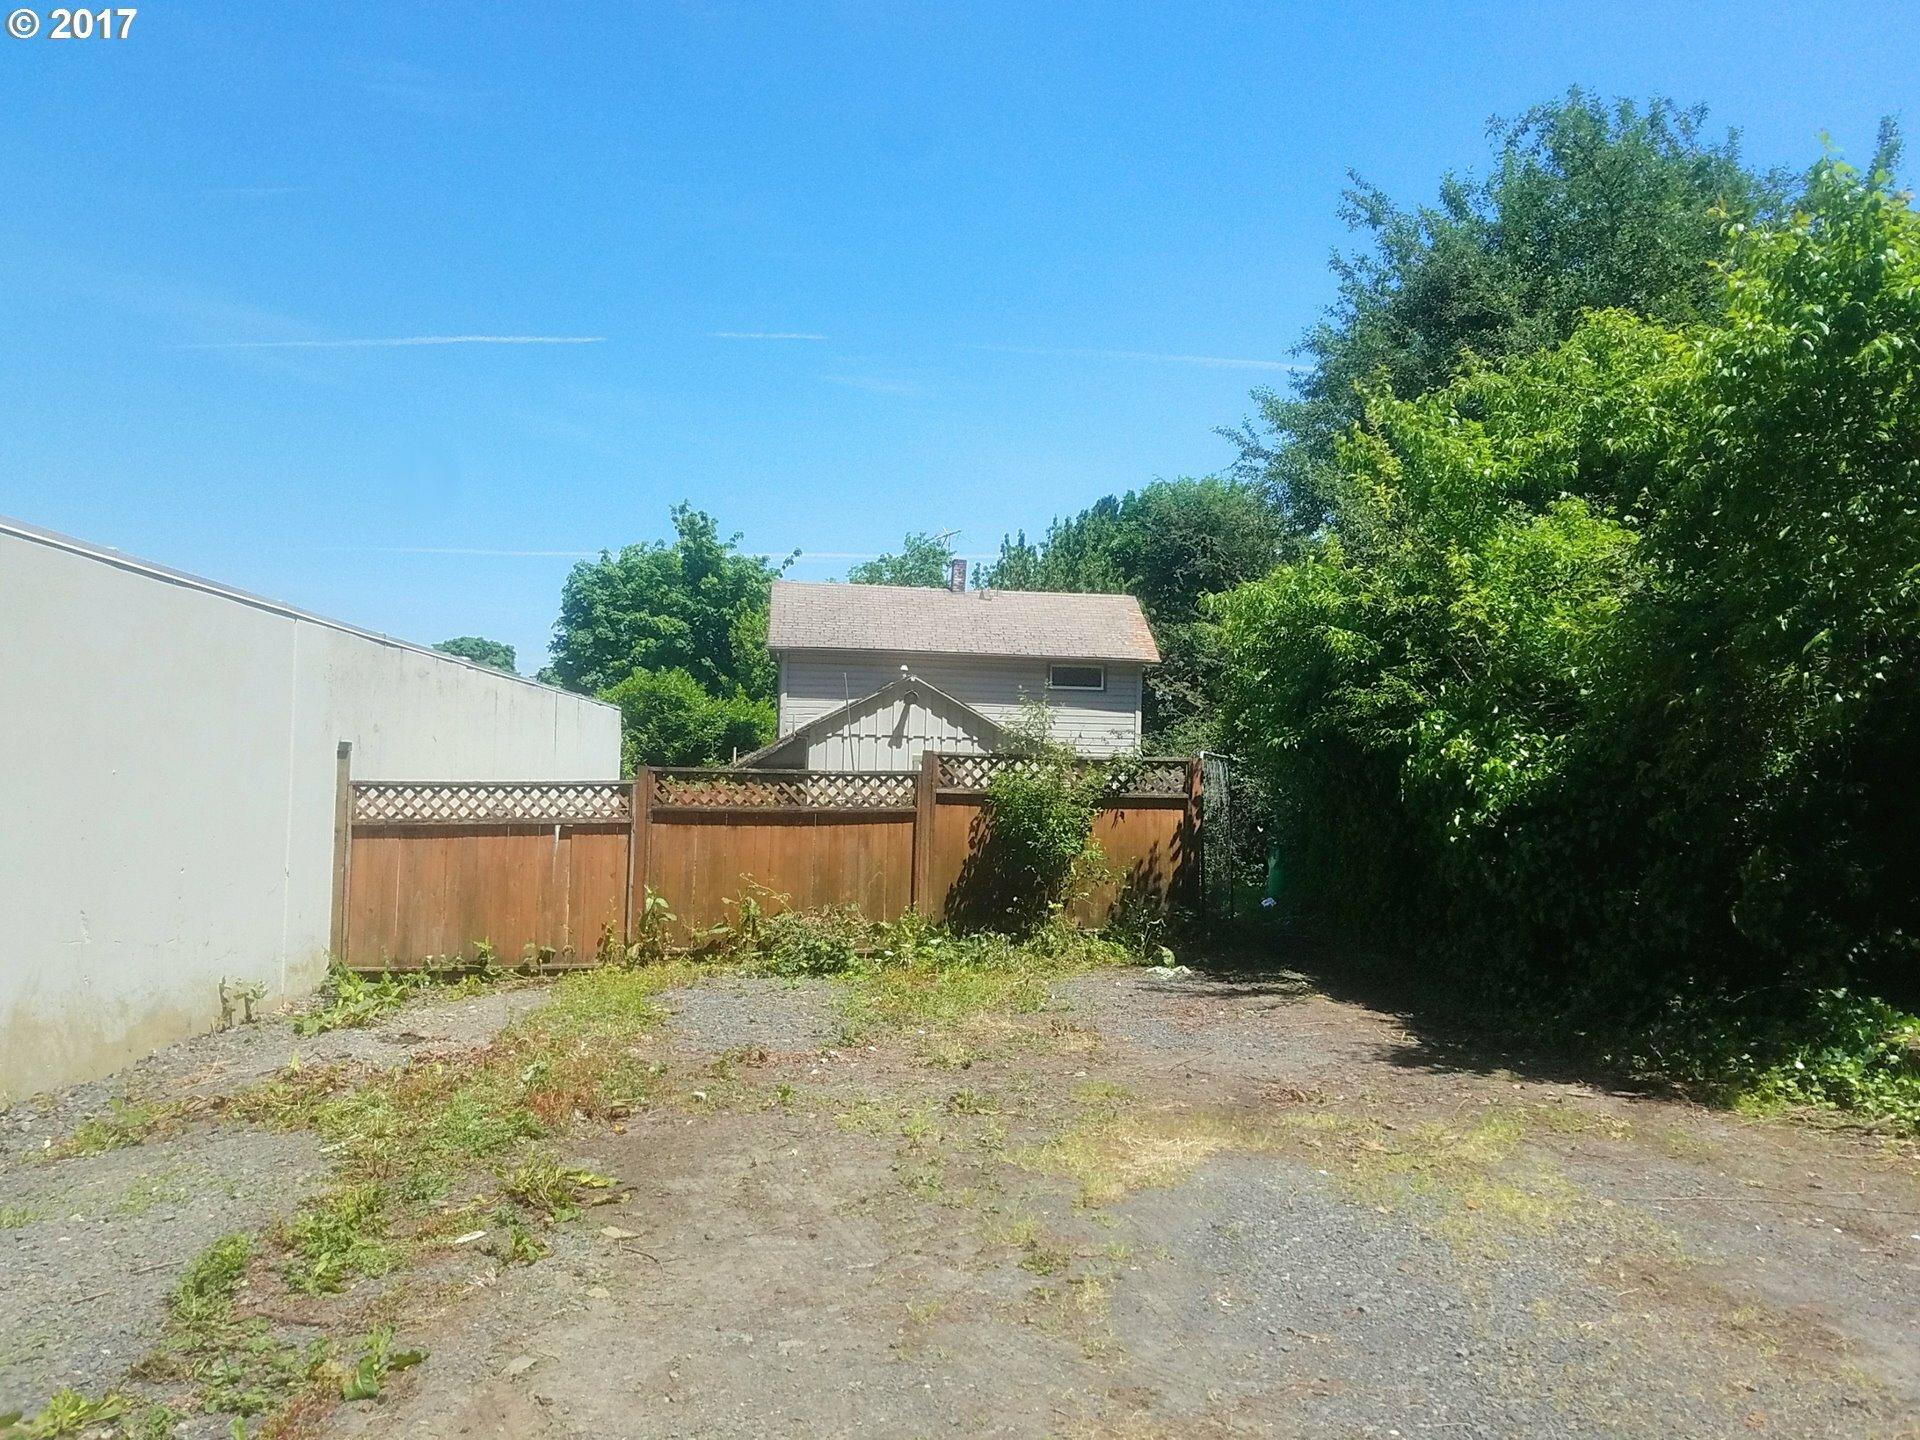 2643 Nw Saint Helens Rd, Portland, OR - USA (photo 1)